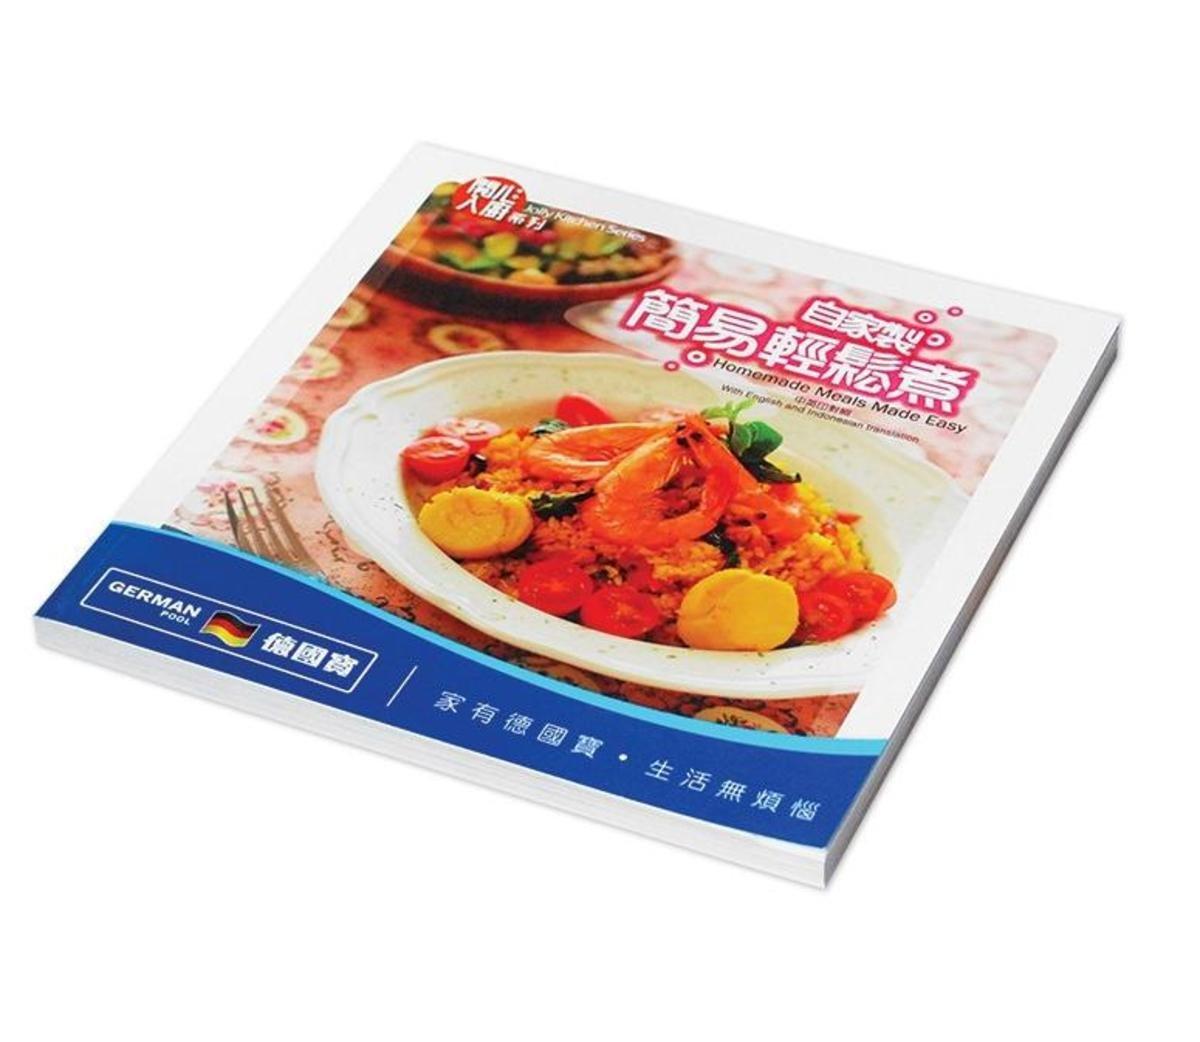 《自家製簡易輕鬆煮》烹飪書*(中,英及印尼文)